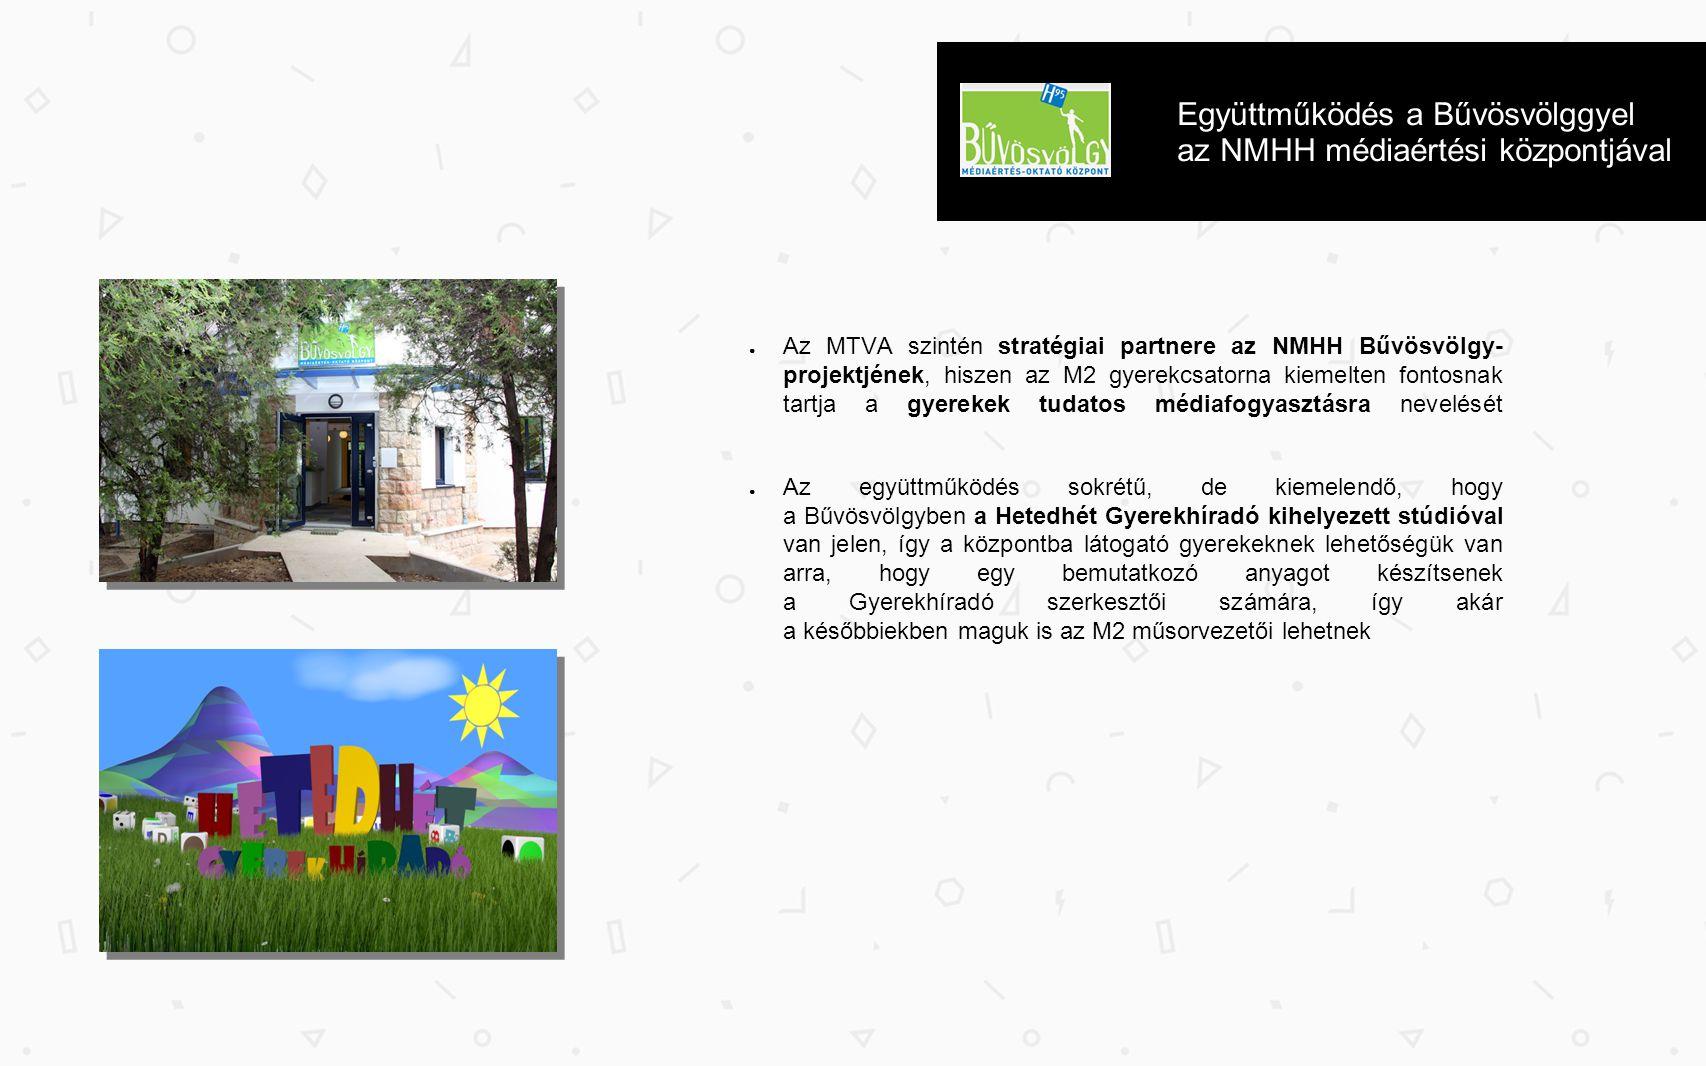 Együttműködés a Bűvösvölggyel az NMHH médiaértési központjával ● Az MTVA szintén stratégiai partnere az NMHH Bűvösvölgy- projektjének, hiszen az M2 gyerekcsatorna kiemelten fontosnak tartja a gyerekek tudatos médiafogyasztásra nevelését ● Az együttműködés sokrétű, de kiemelendő, hogy a Bűvösvölgyben a Hetedhét Gyerekhíradó kihelyezett stúdióval van jelen, így a központba látogató gyerekeknek lehetőségük van arra, hogy egy bemutatkozó anyagot készítsenek a Gyerekhíradó szerkesztői számára, így akár a későbbiekben maguk is az M2 műsorvezetői lehetnek